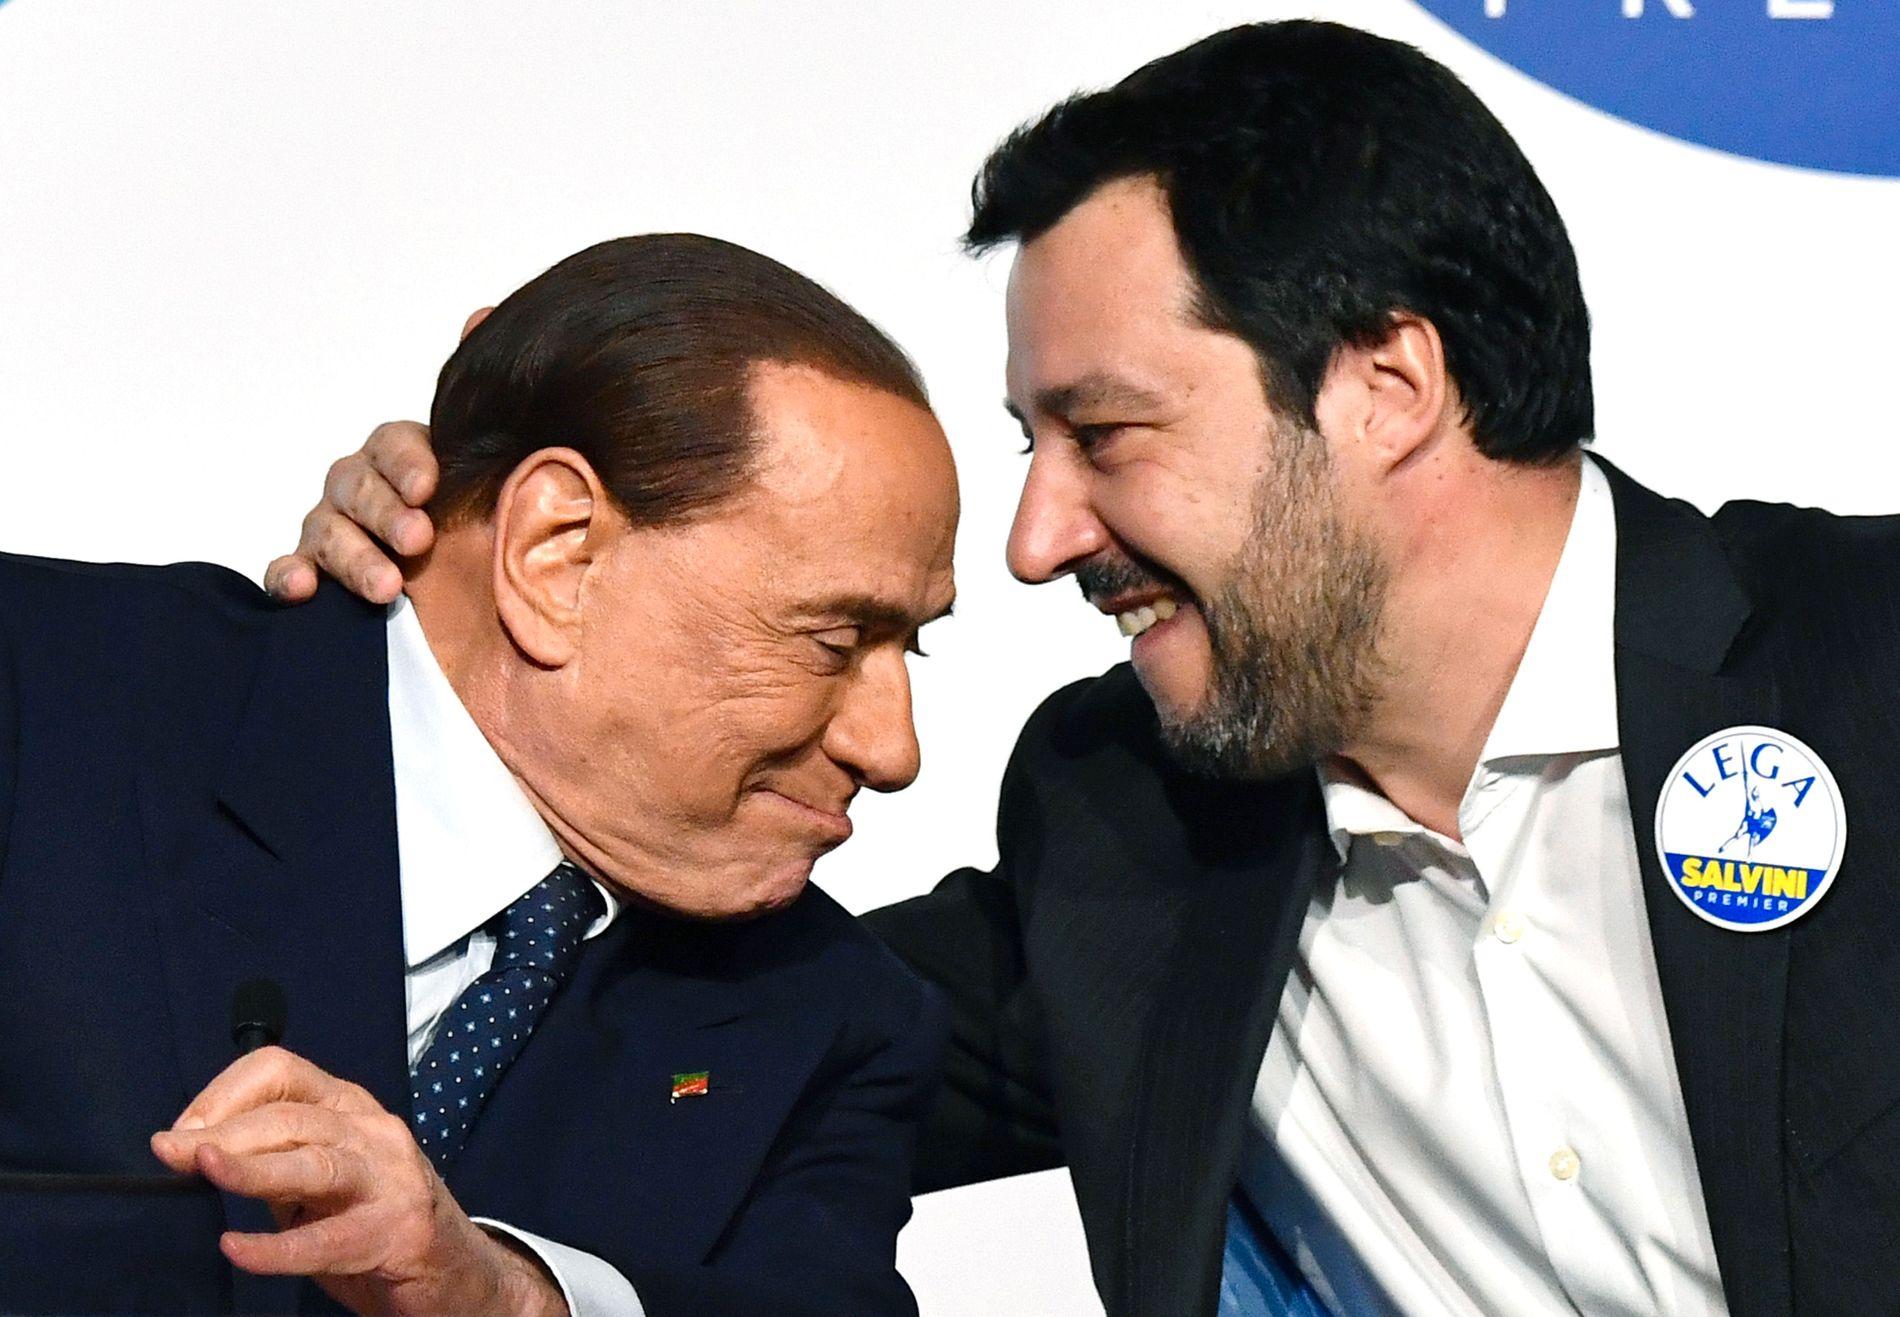 NY ENIGHET: Silvio Berlusconi og Matteo Salvini har funnet sammen igjen, og markerer det med å utnevne ny RAI-president.